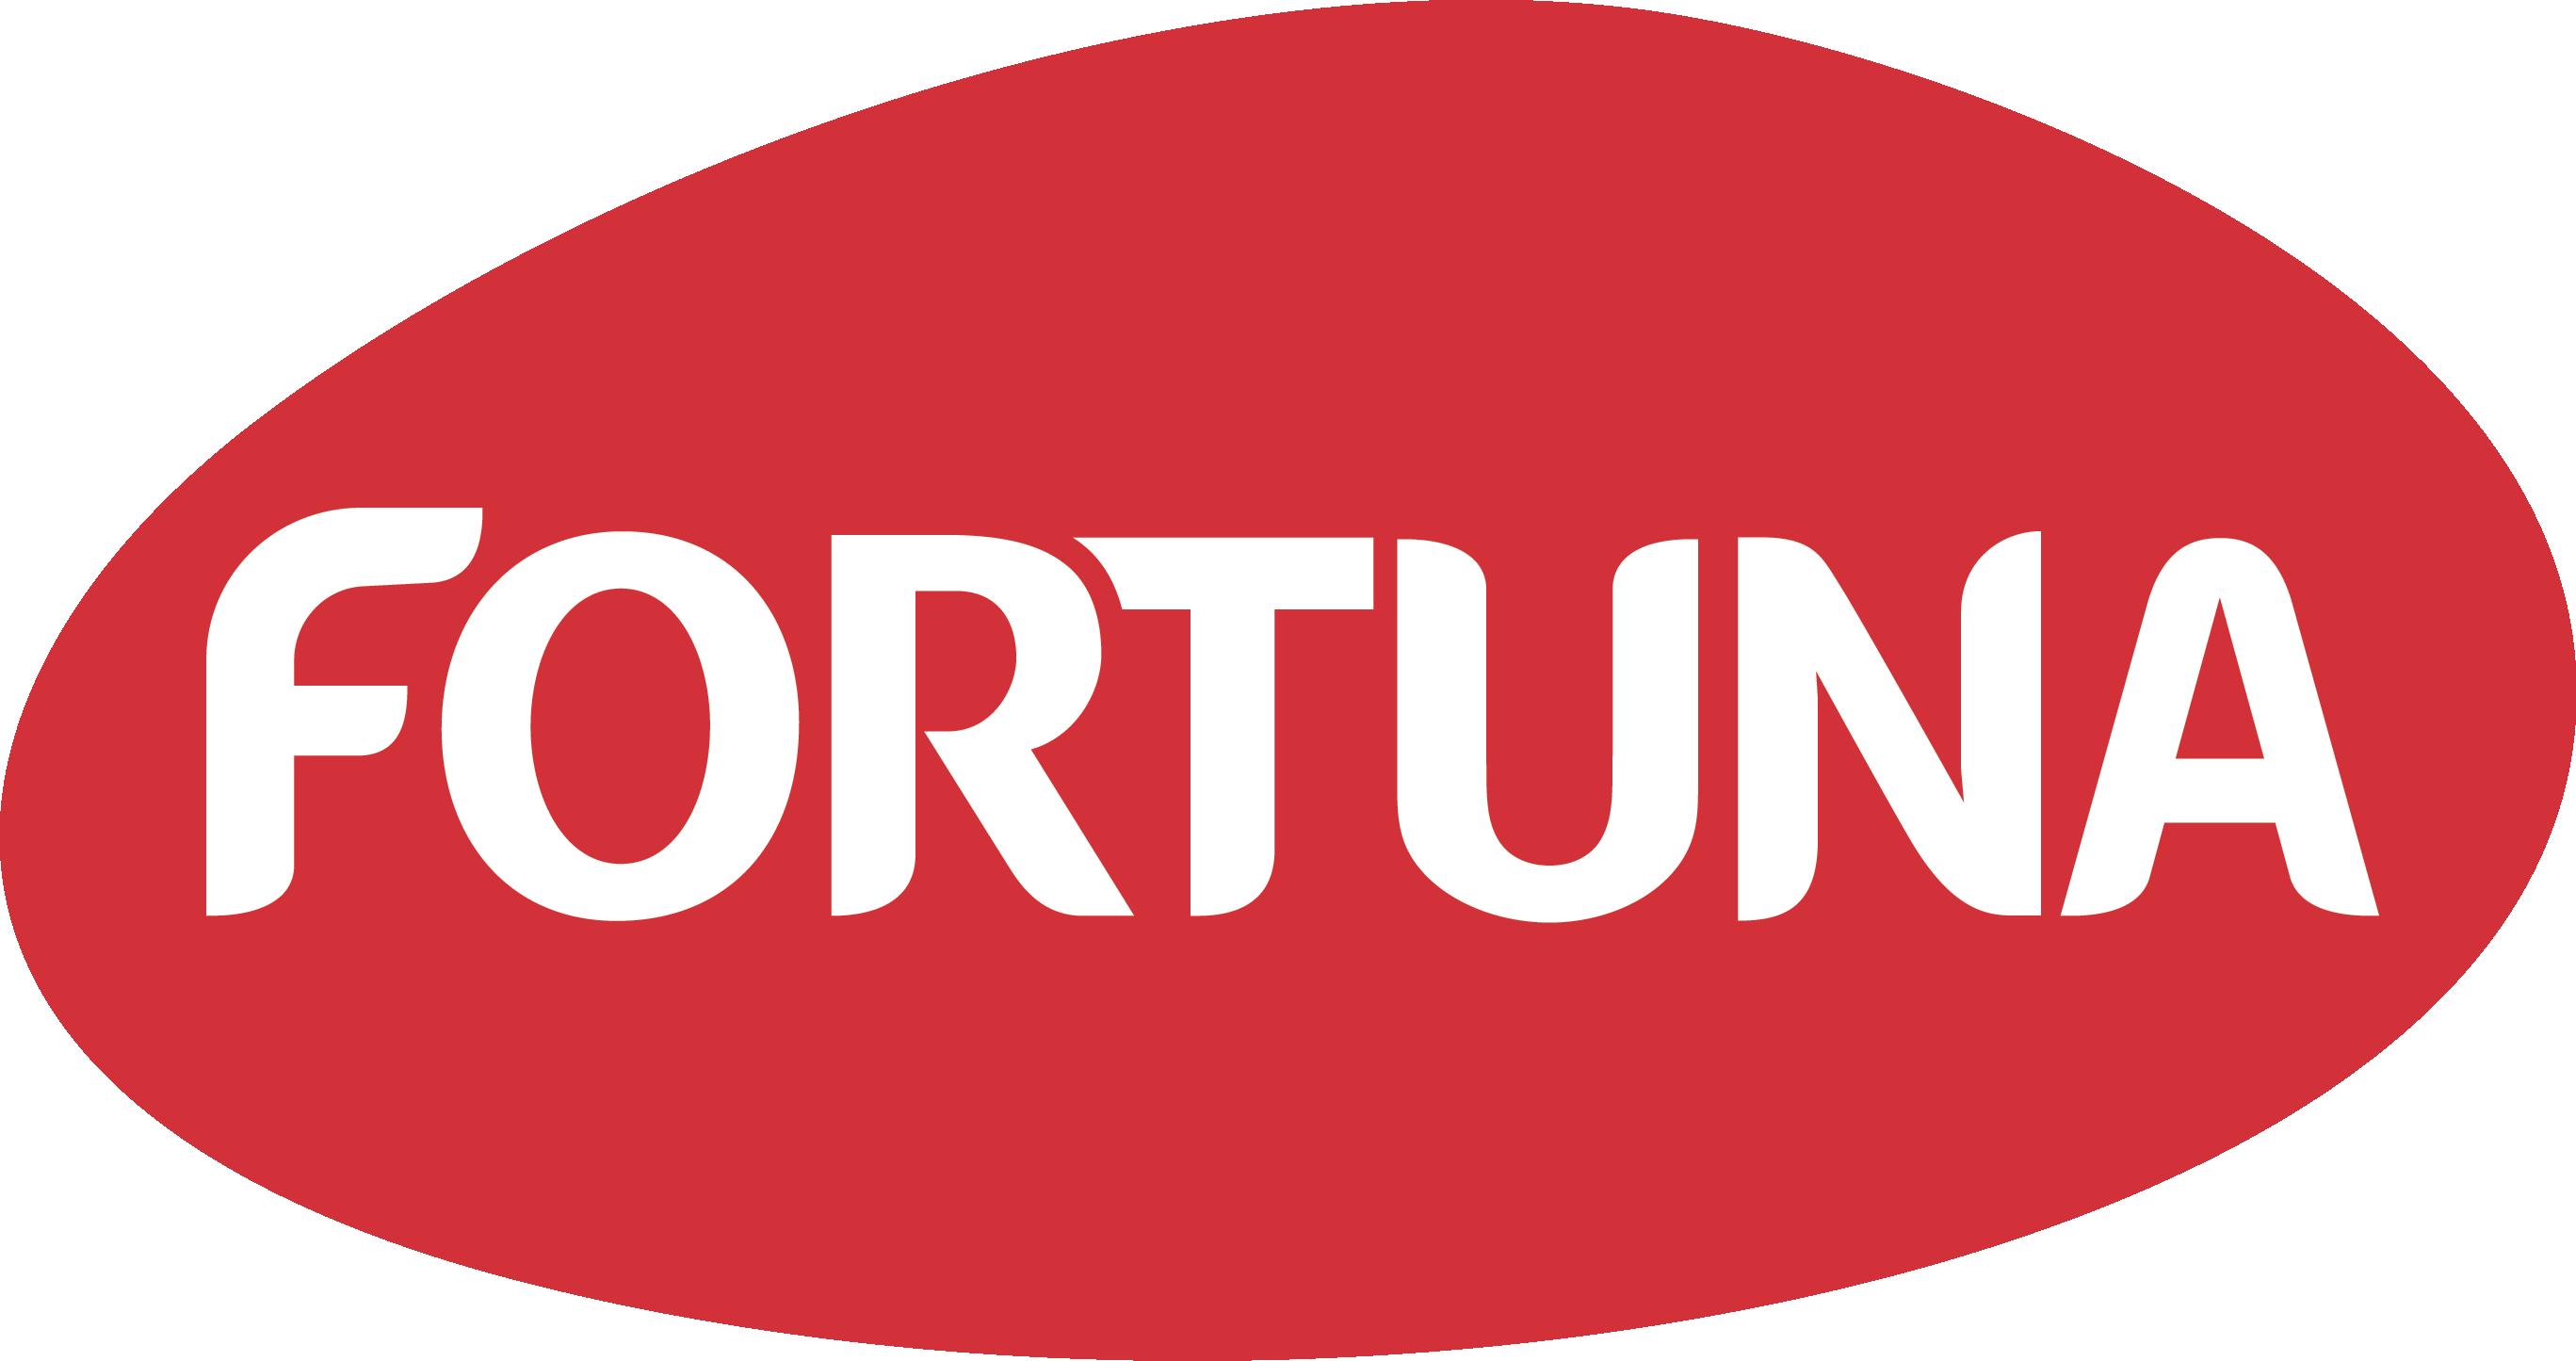 Znalezione obrazy dla zapytania fortuna soki logo